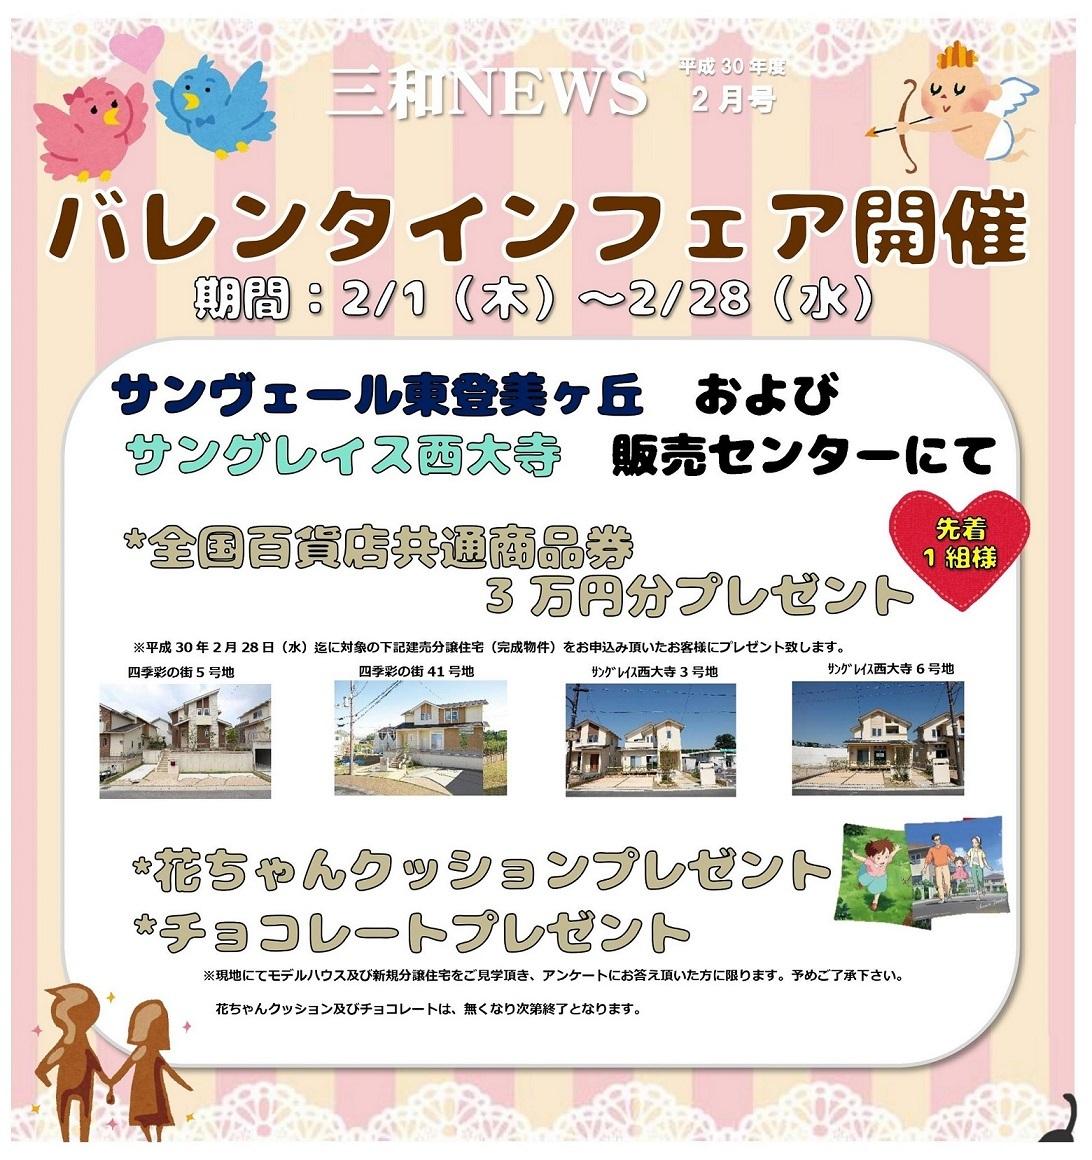 *2/1(木)〜2/28(水)バレンタインフェア開催*